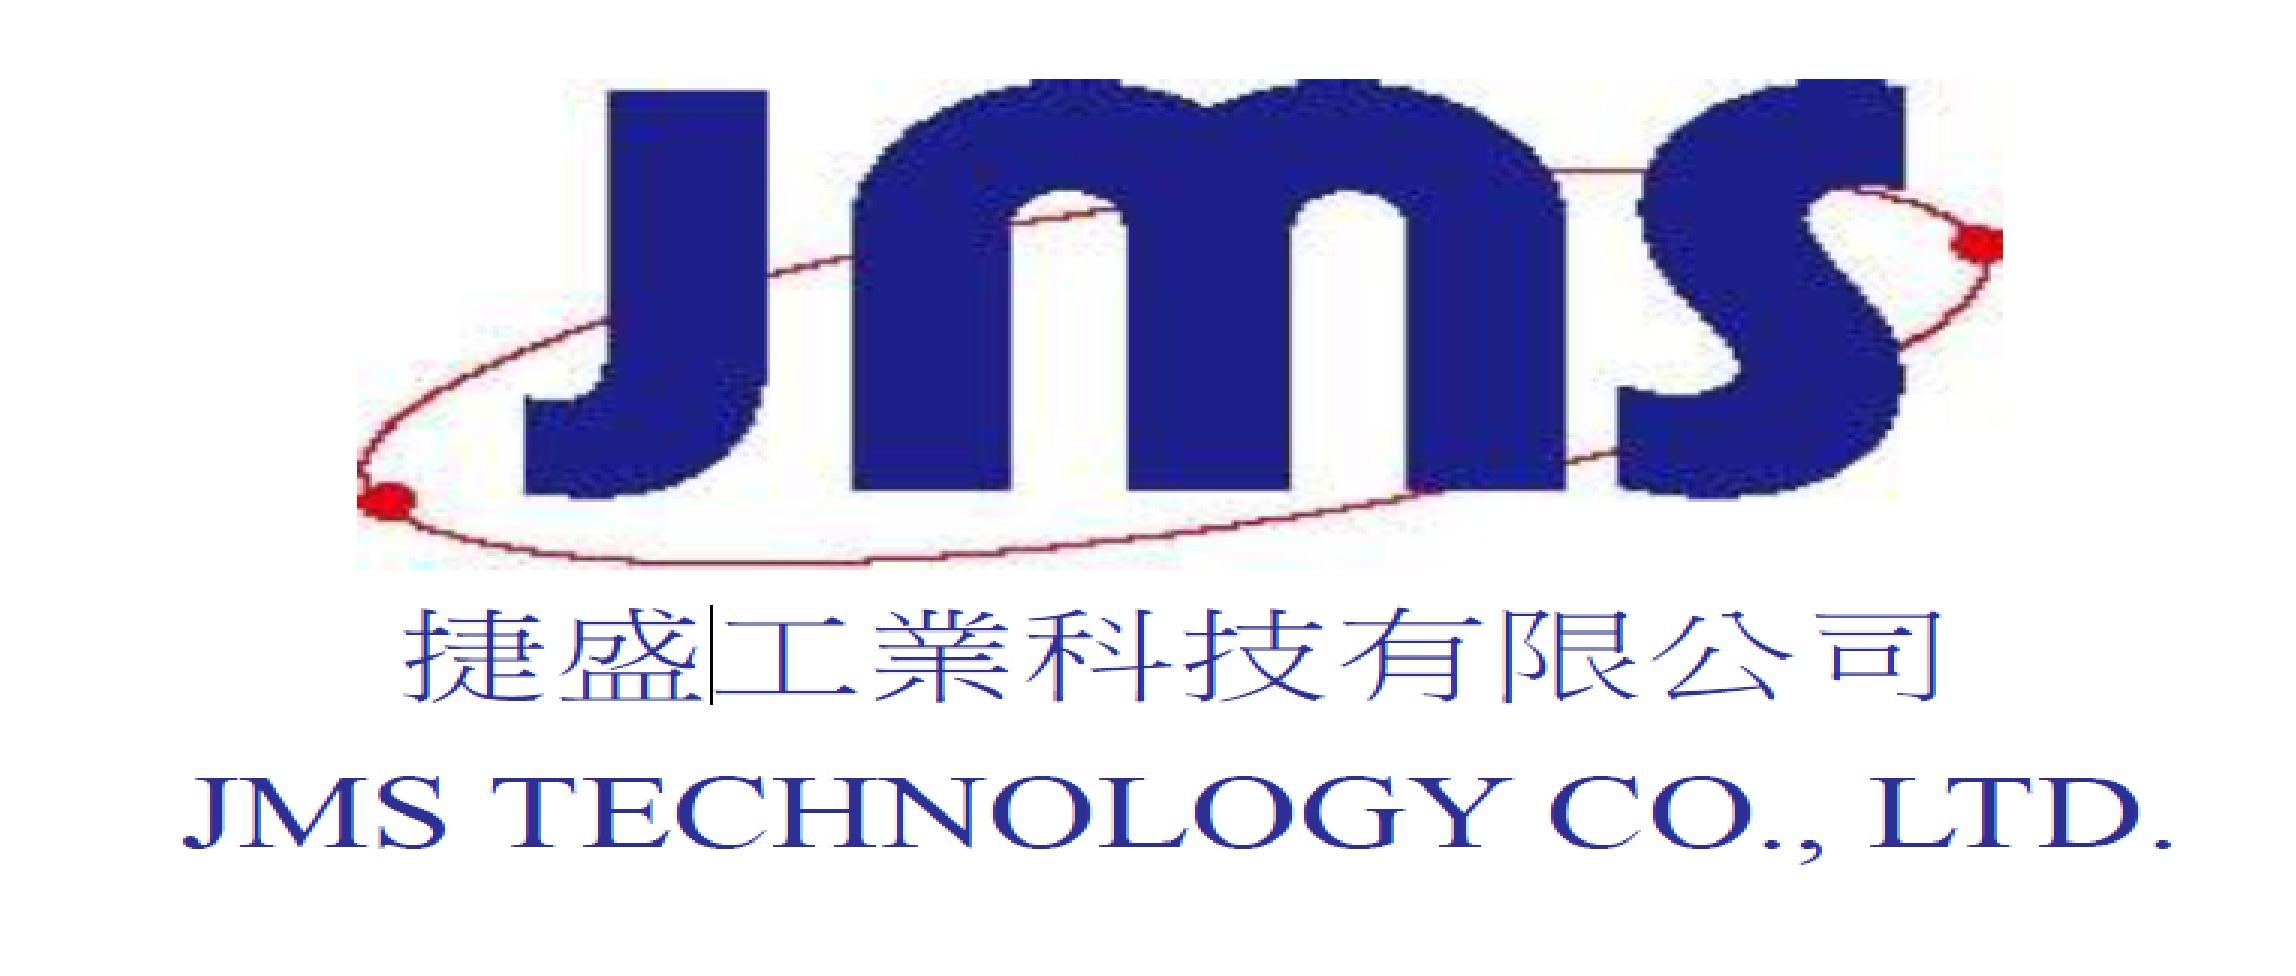 捷盛工業科技有限公司